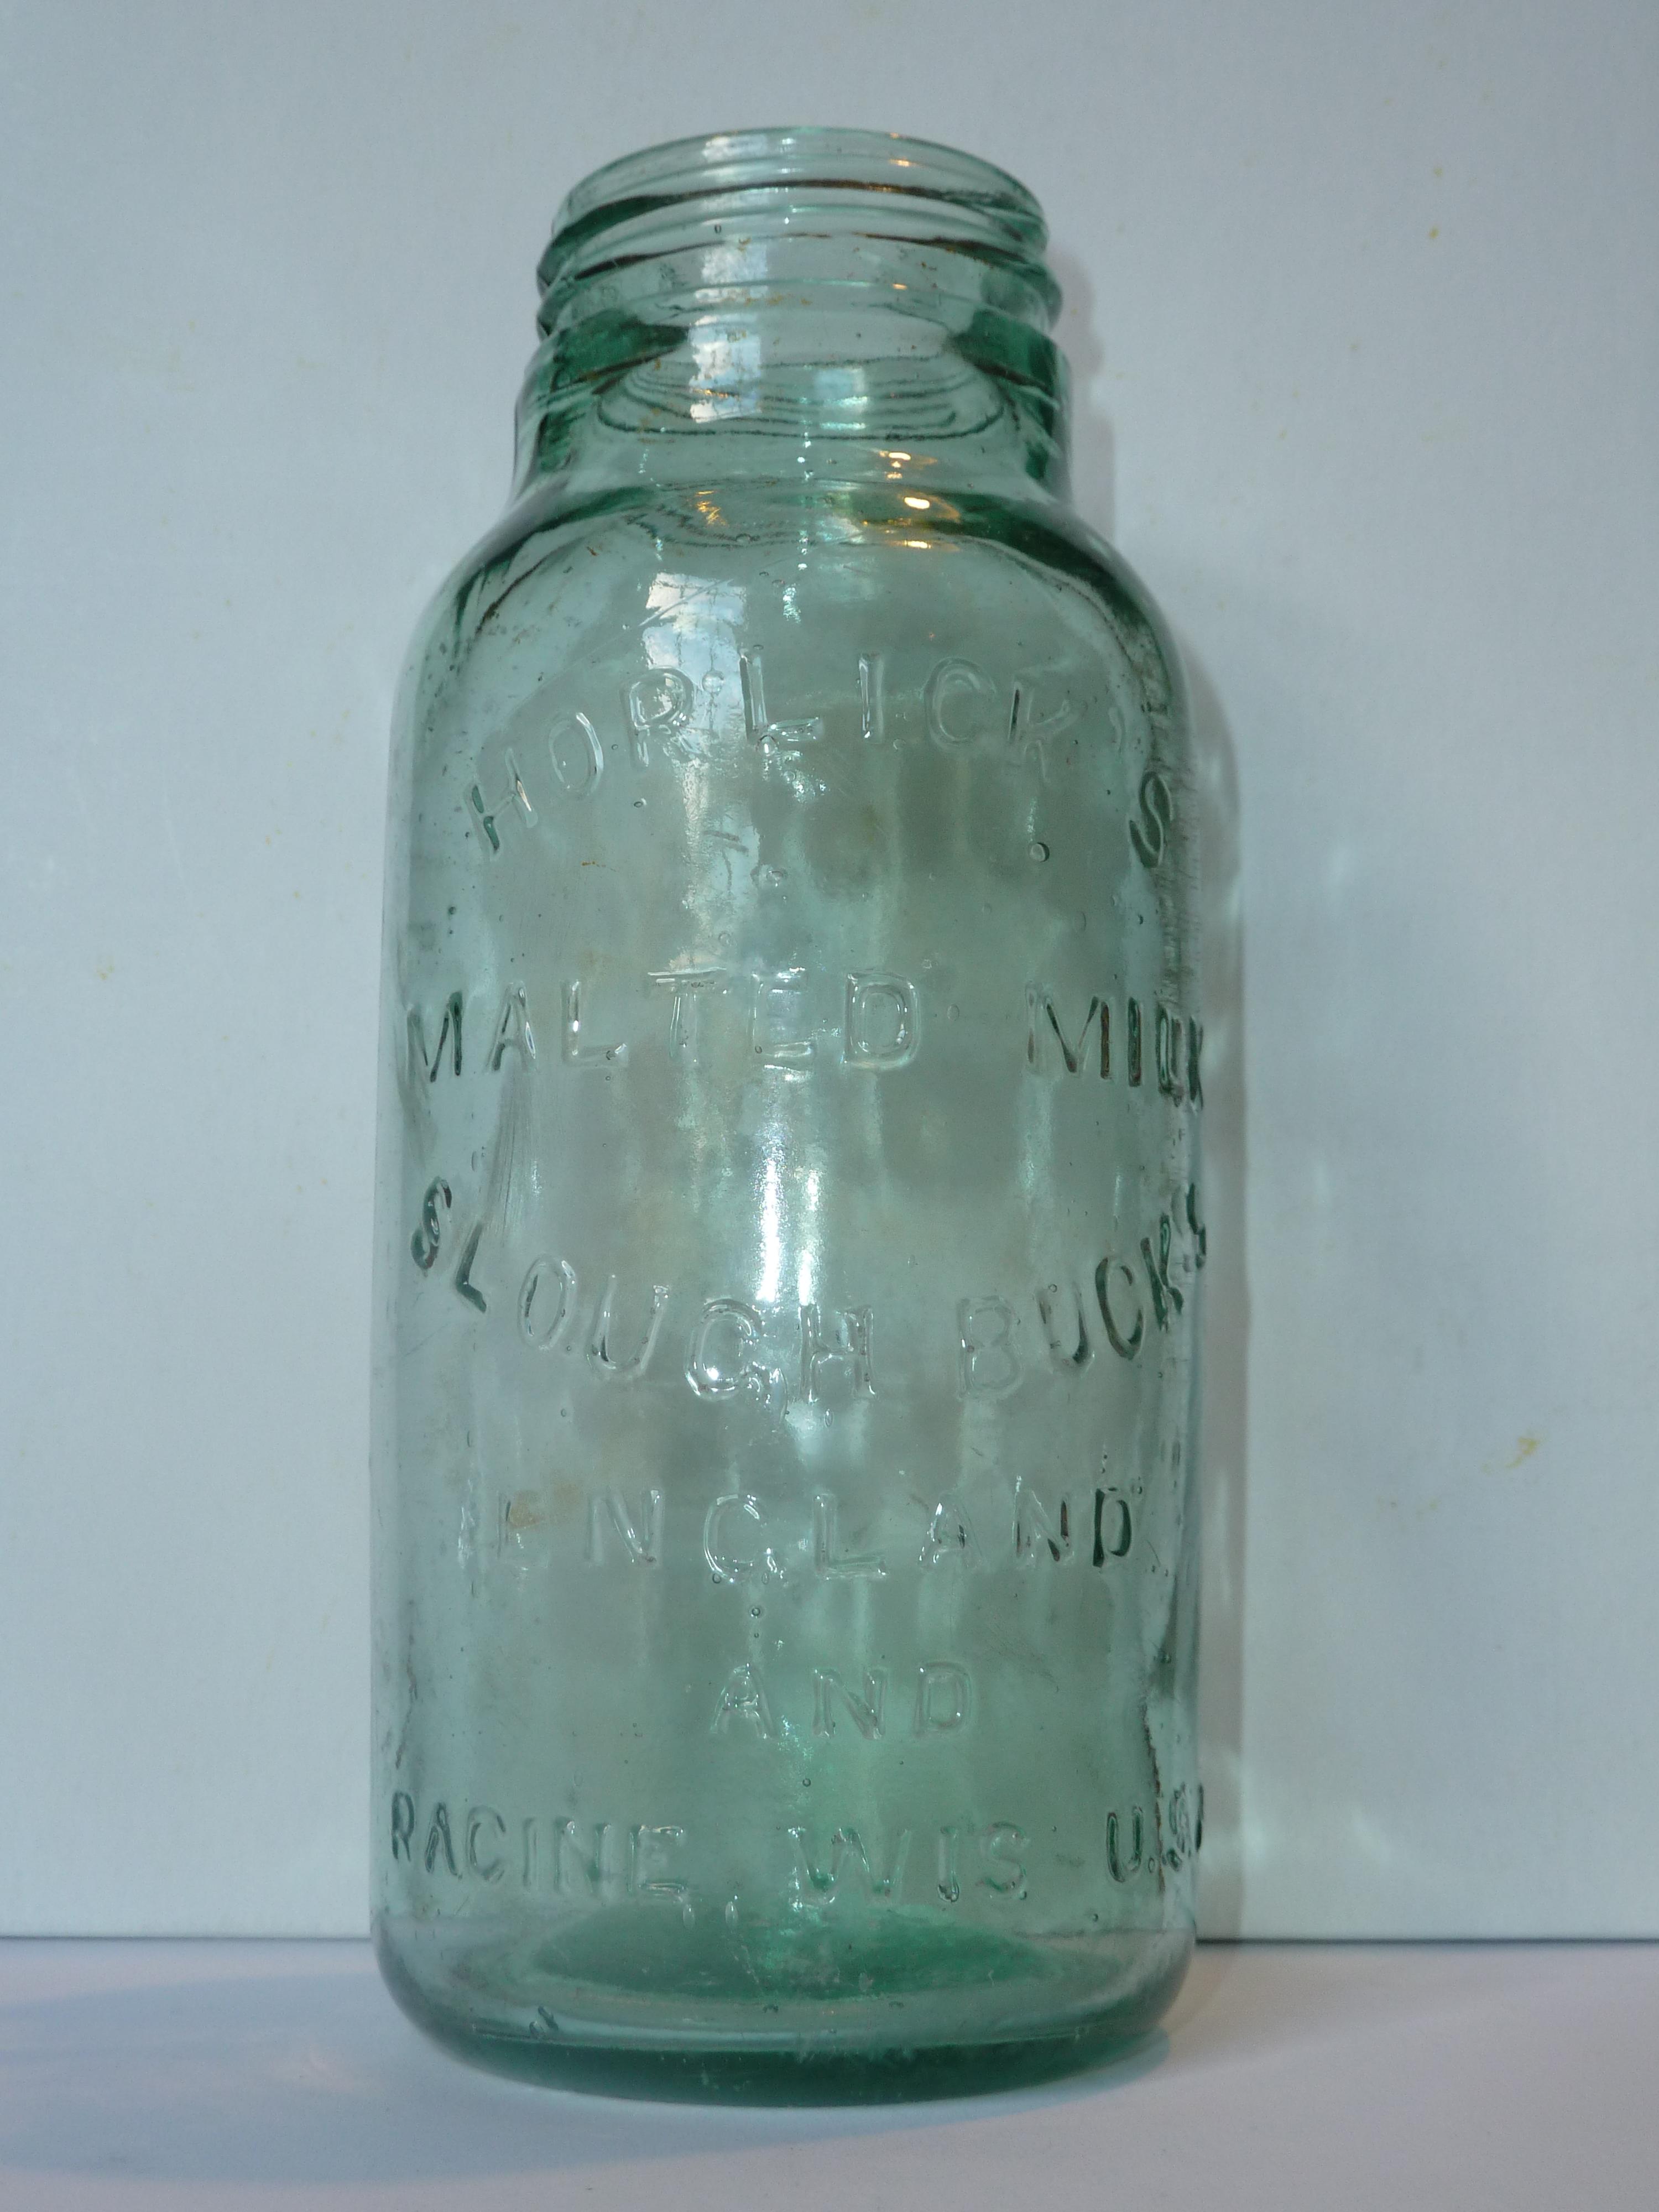 Horlick's Bottle